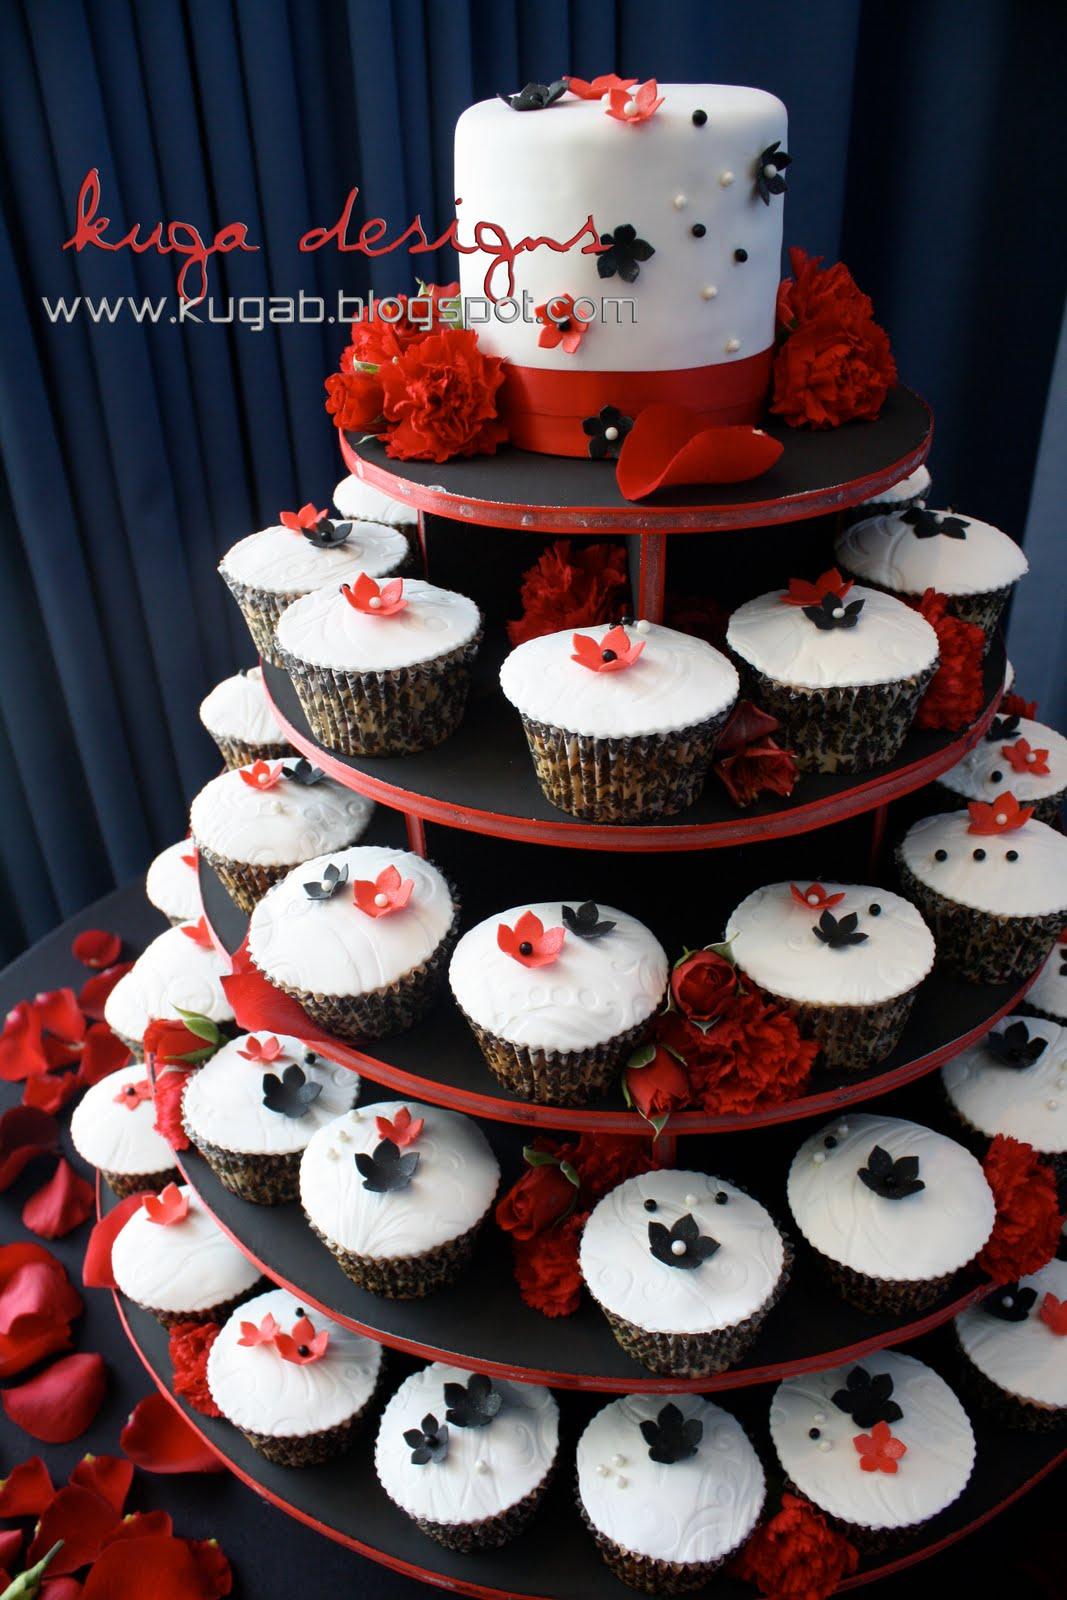 Kuga Designs Red Black And White Damask